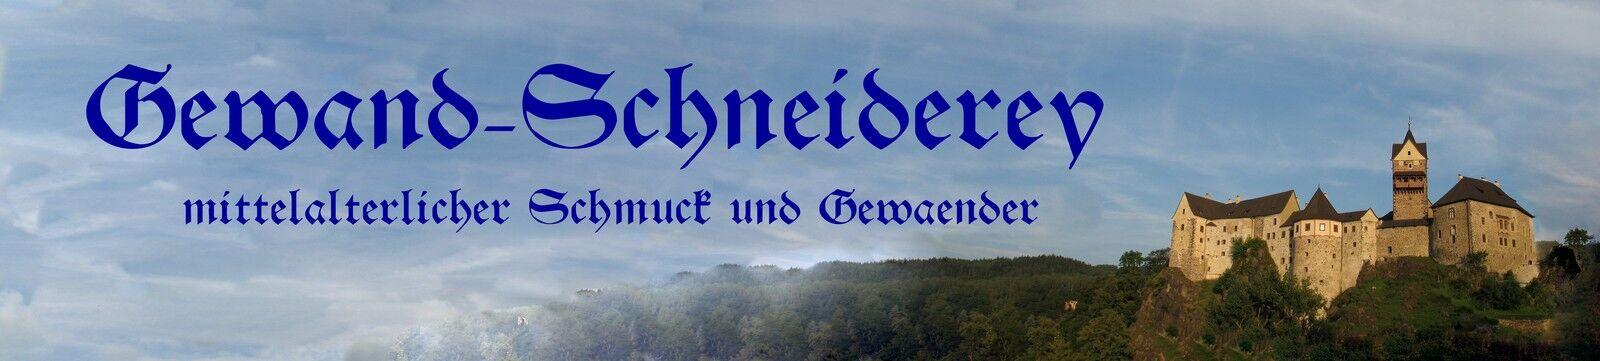 Gewand-schneiderey